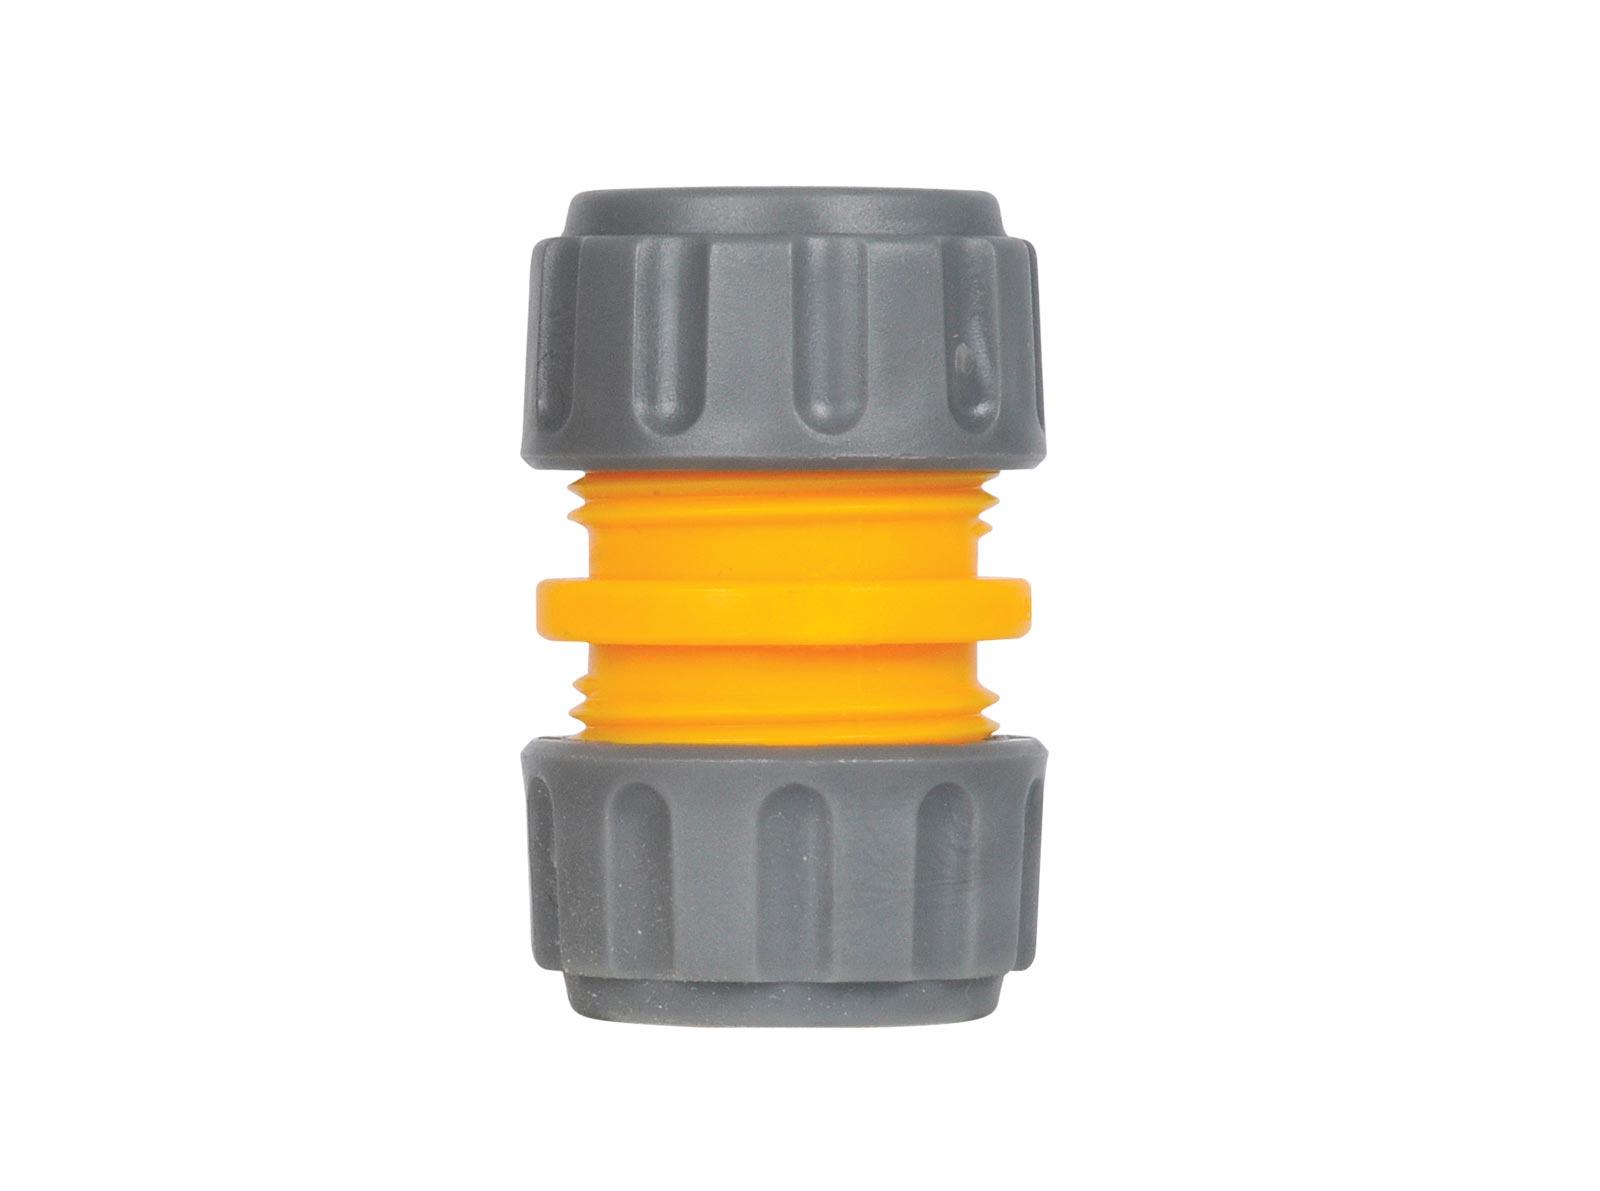 """Коннектор шланга Hozelock 2100 для ремонта шланга, 1/2"""", желтый, серый"""